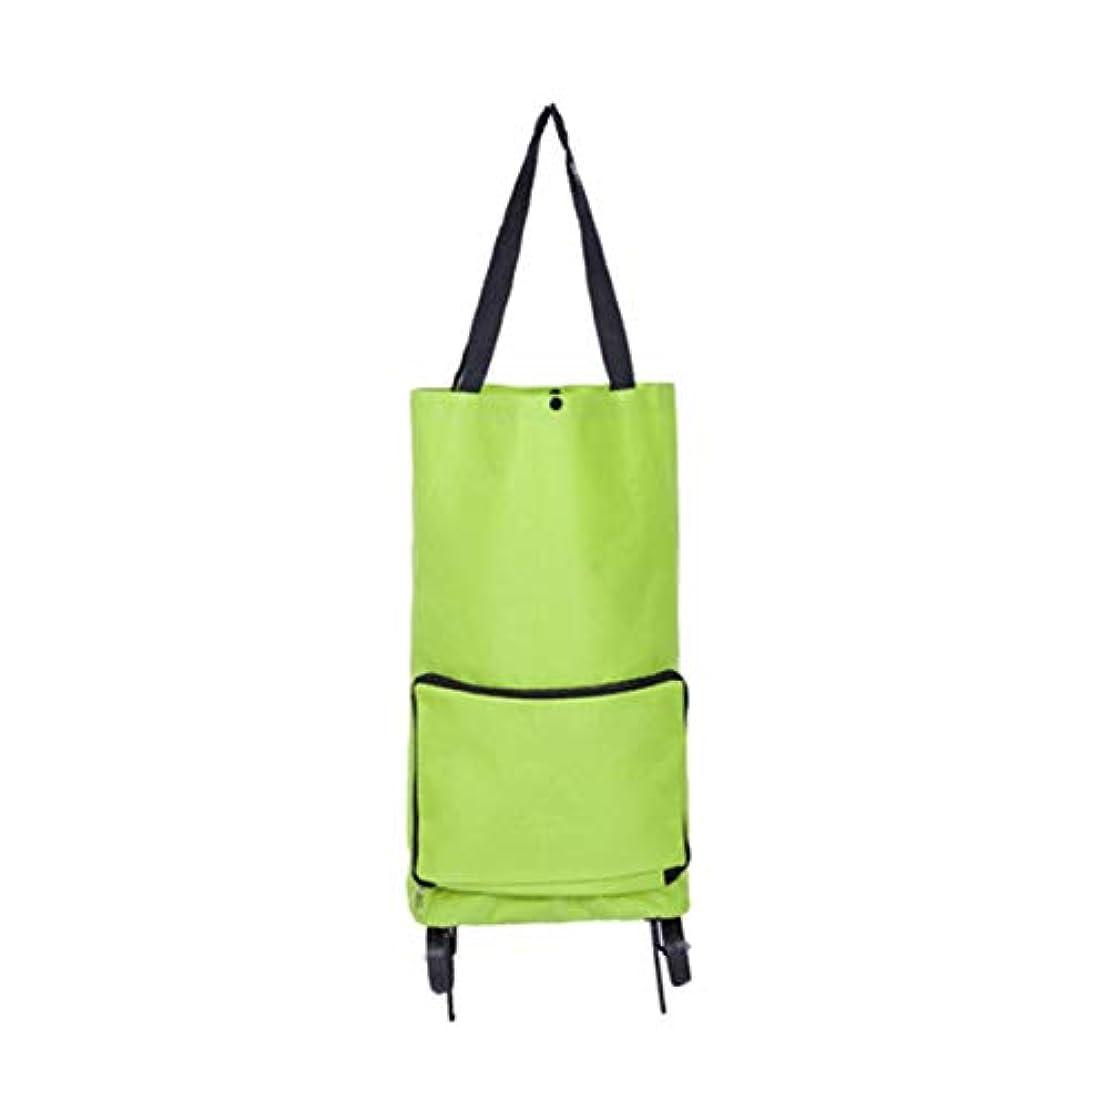 本物の強盗滅多Saikogoods 多機能防水オックスフォード布折り畳み式SupermarkerショッピングトロリーホイールバッグTravalカート荷物バッグ 緑